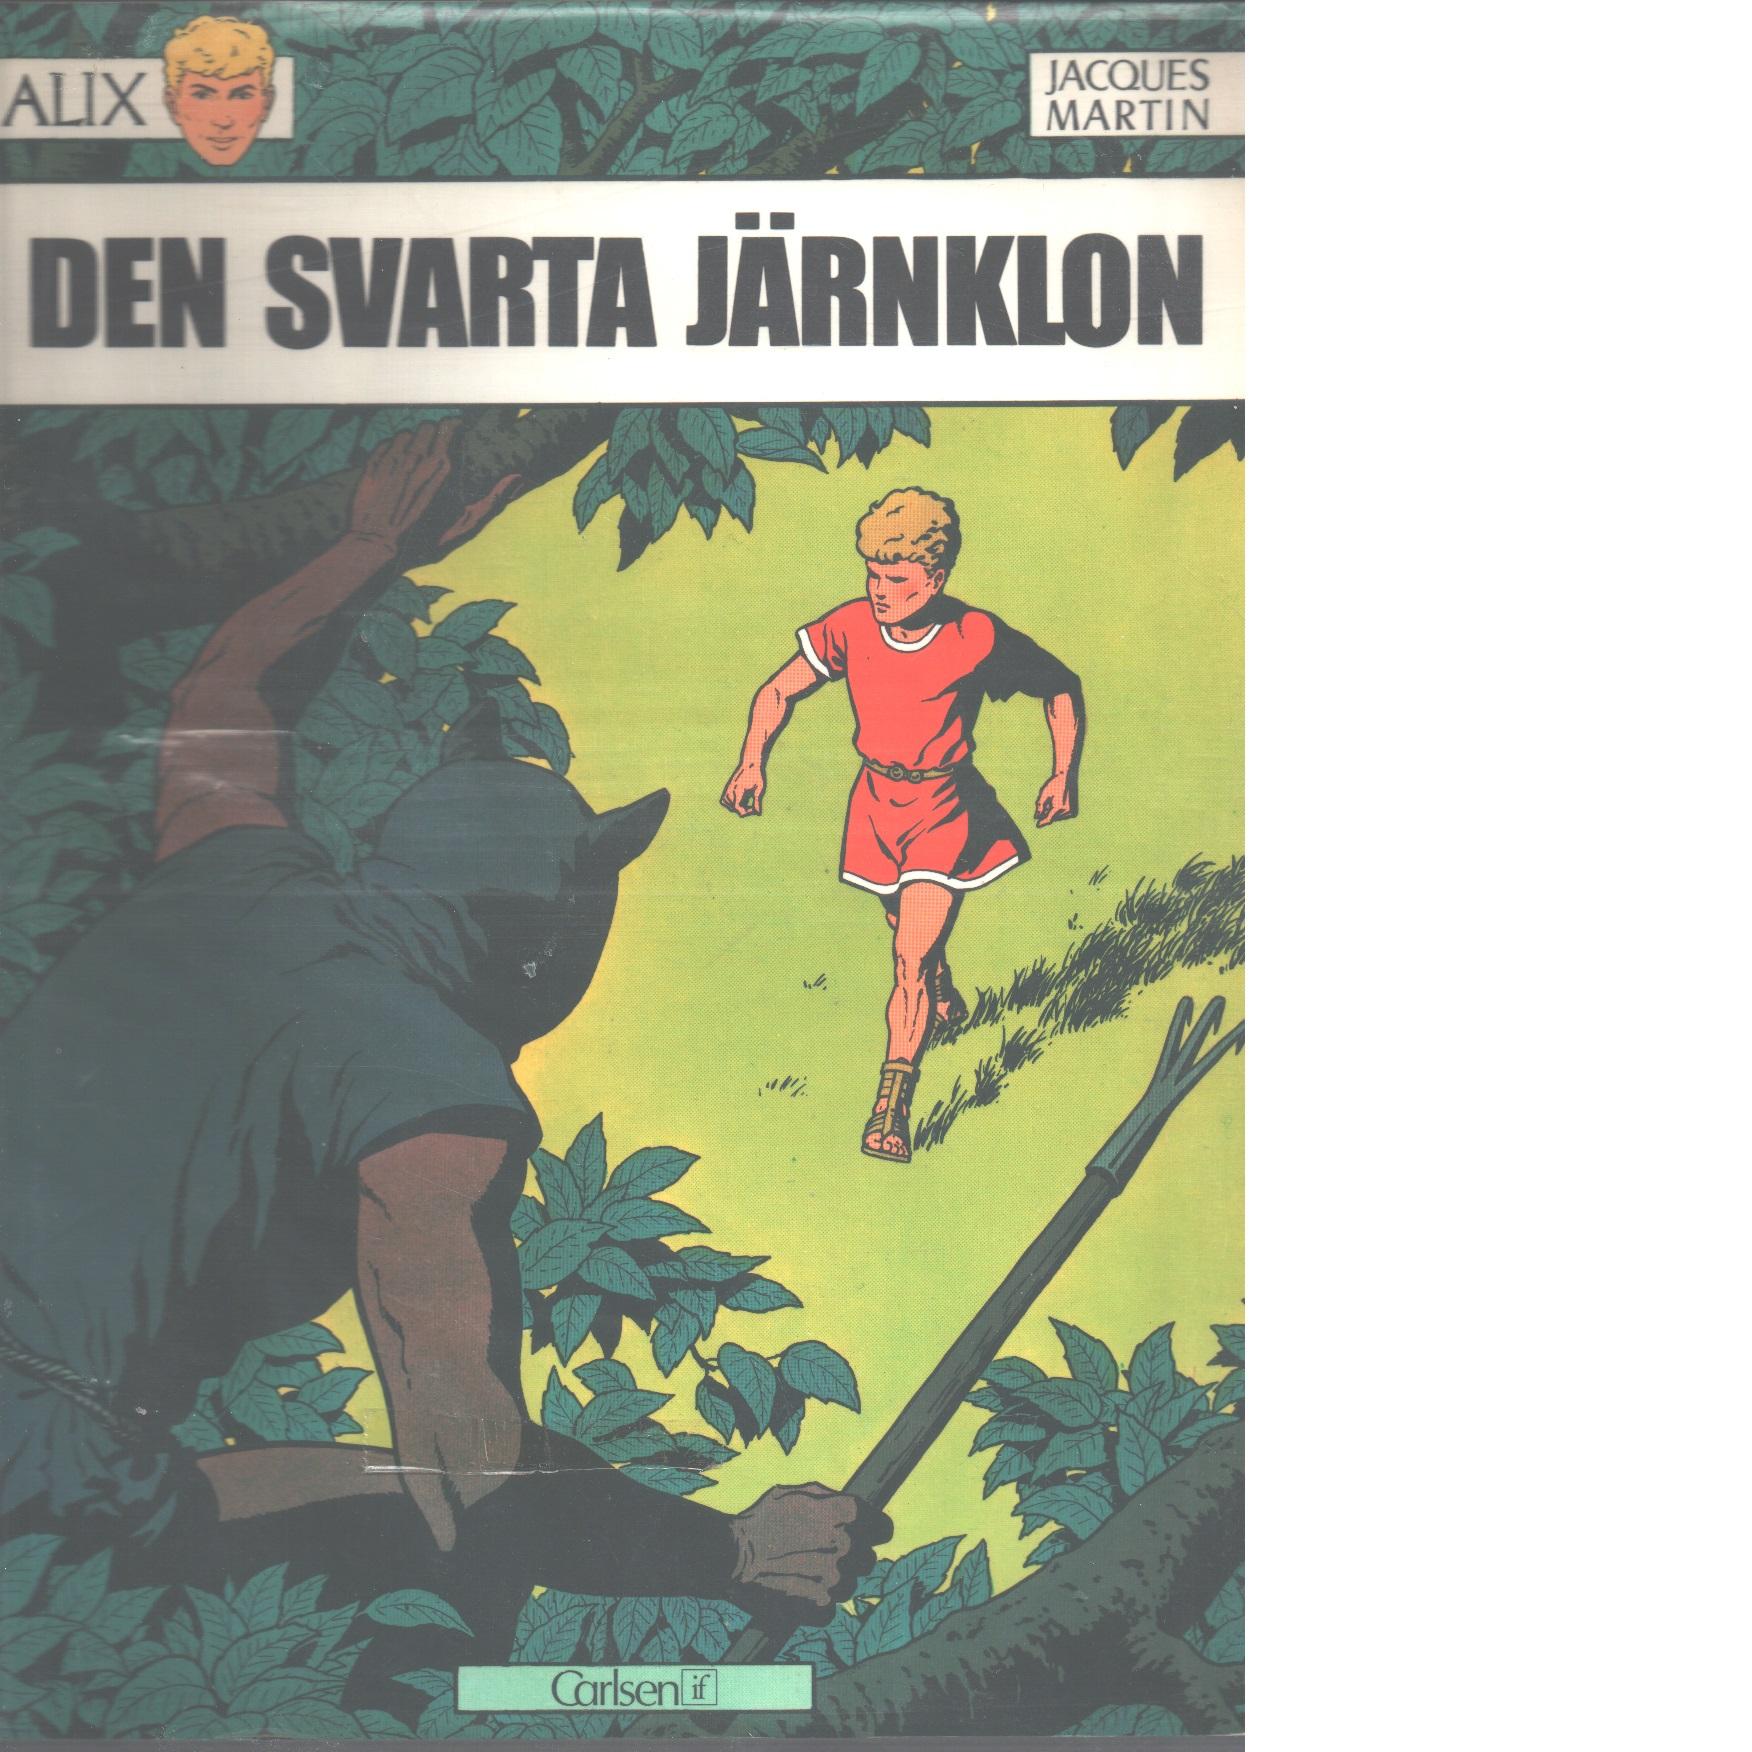 Den svarta järnklon - Martin, Jacques